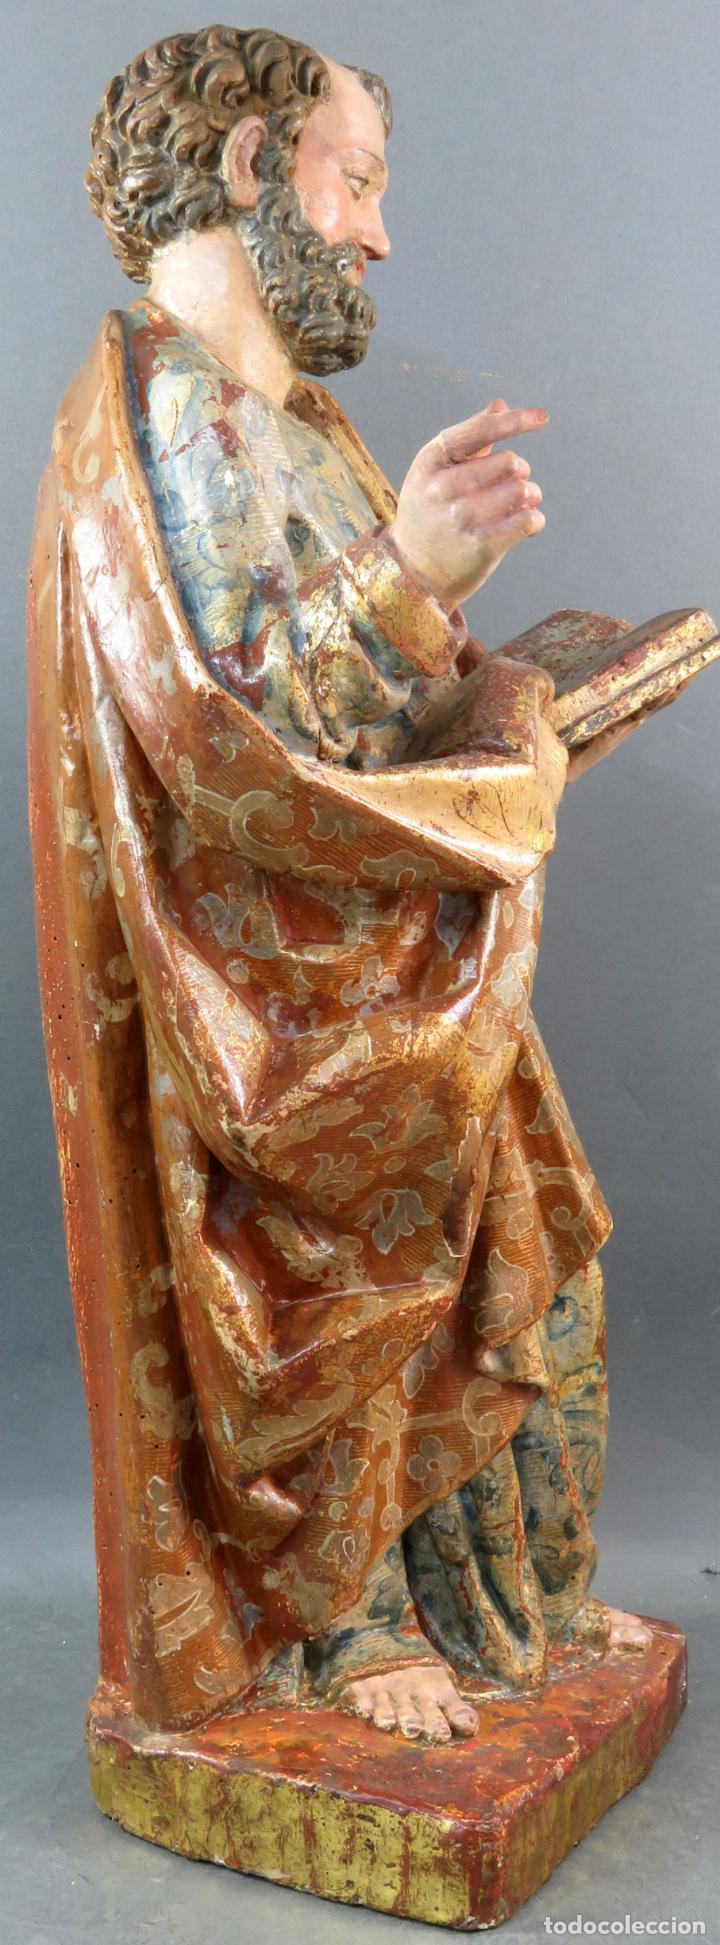 Arte: Talla San Pedro en madera estofada dorada y policromada seguidor de Gregorio Fernandez siglo XVI - Foto 5 - 159655938